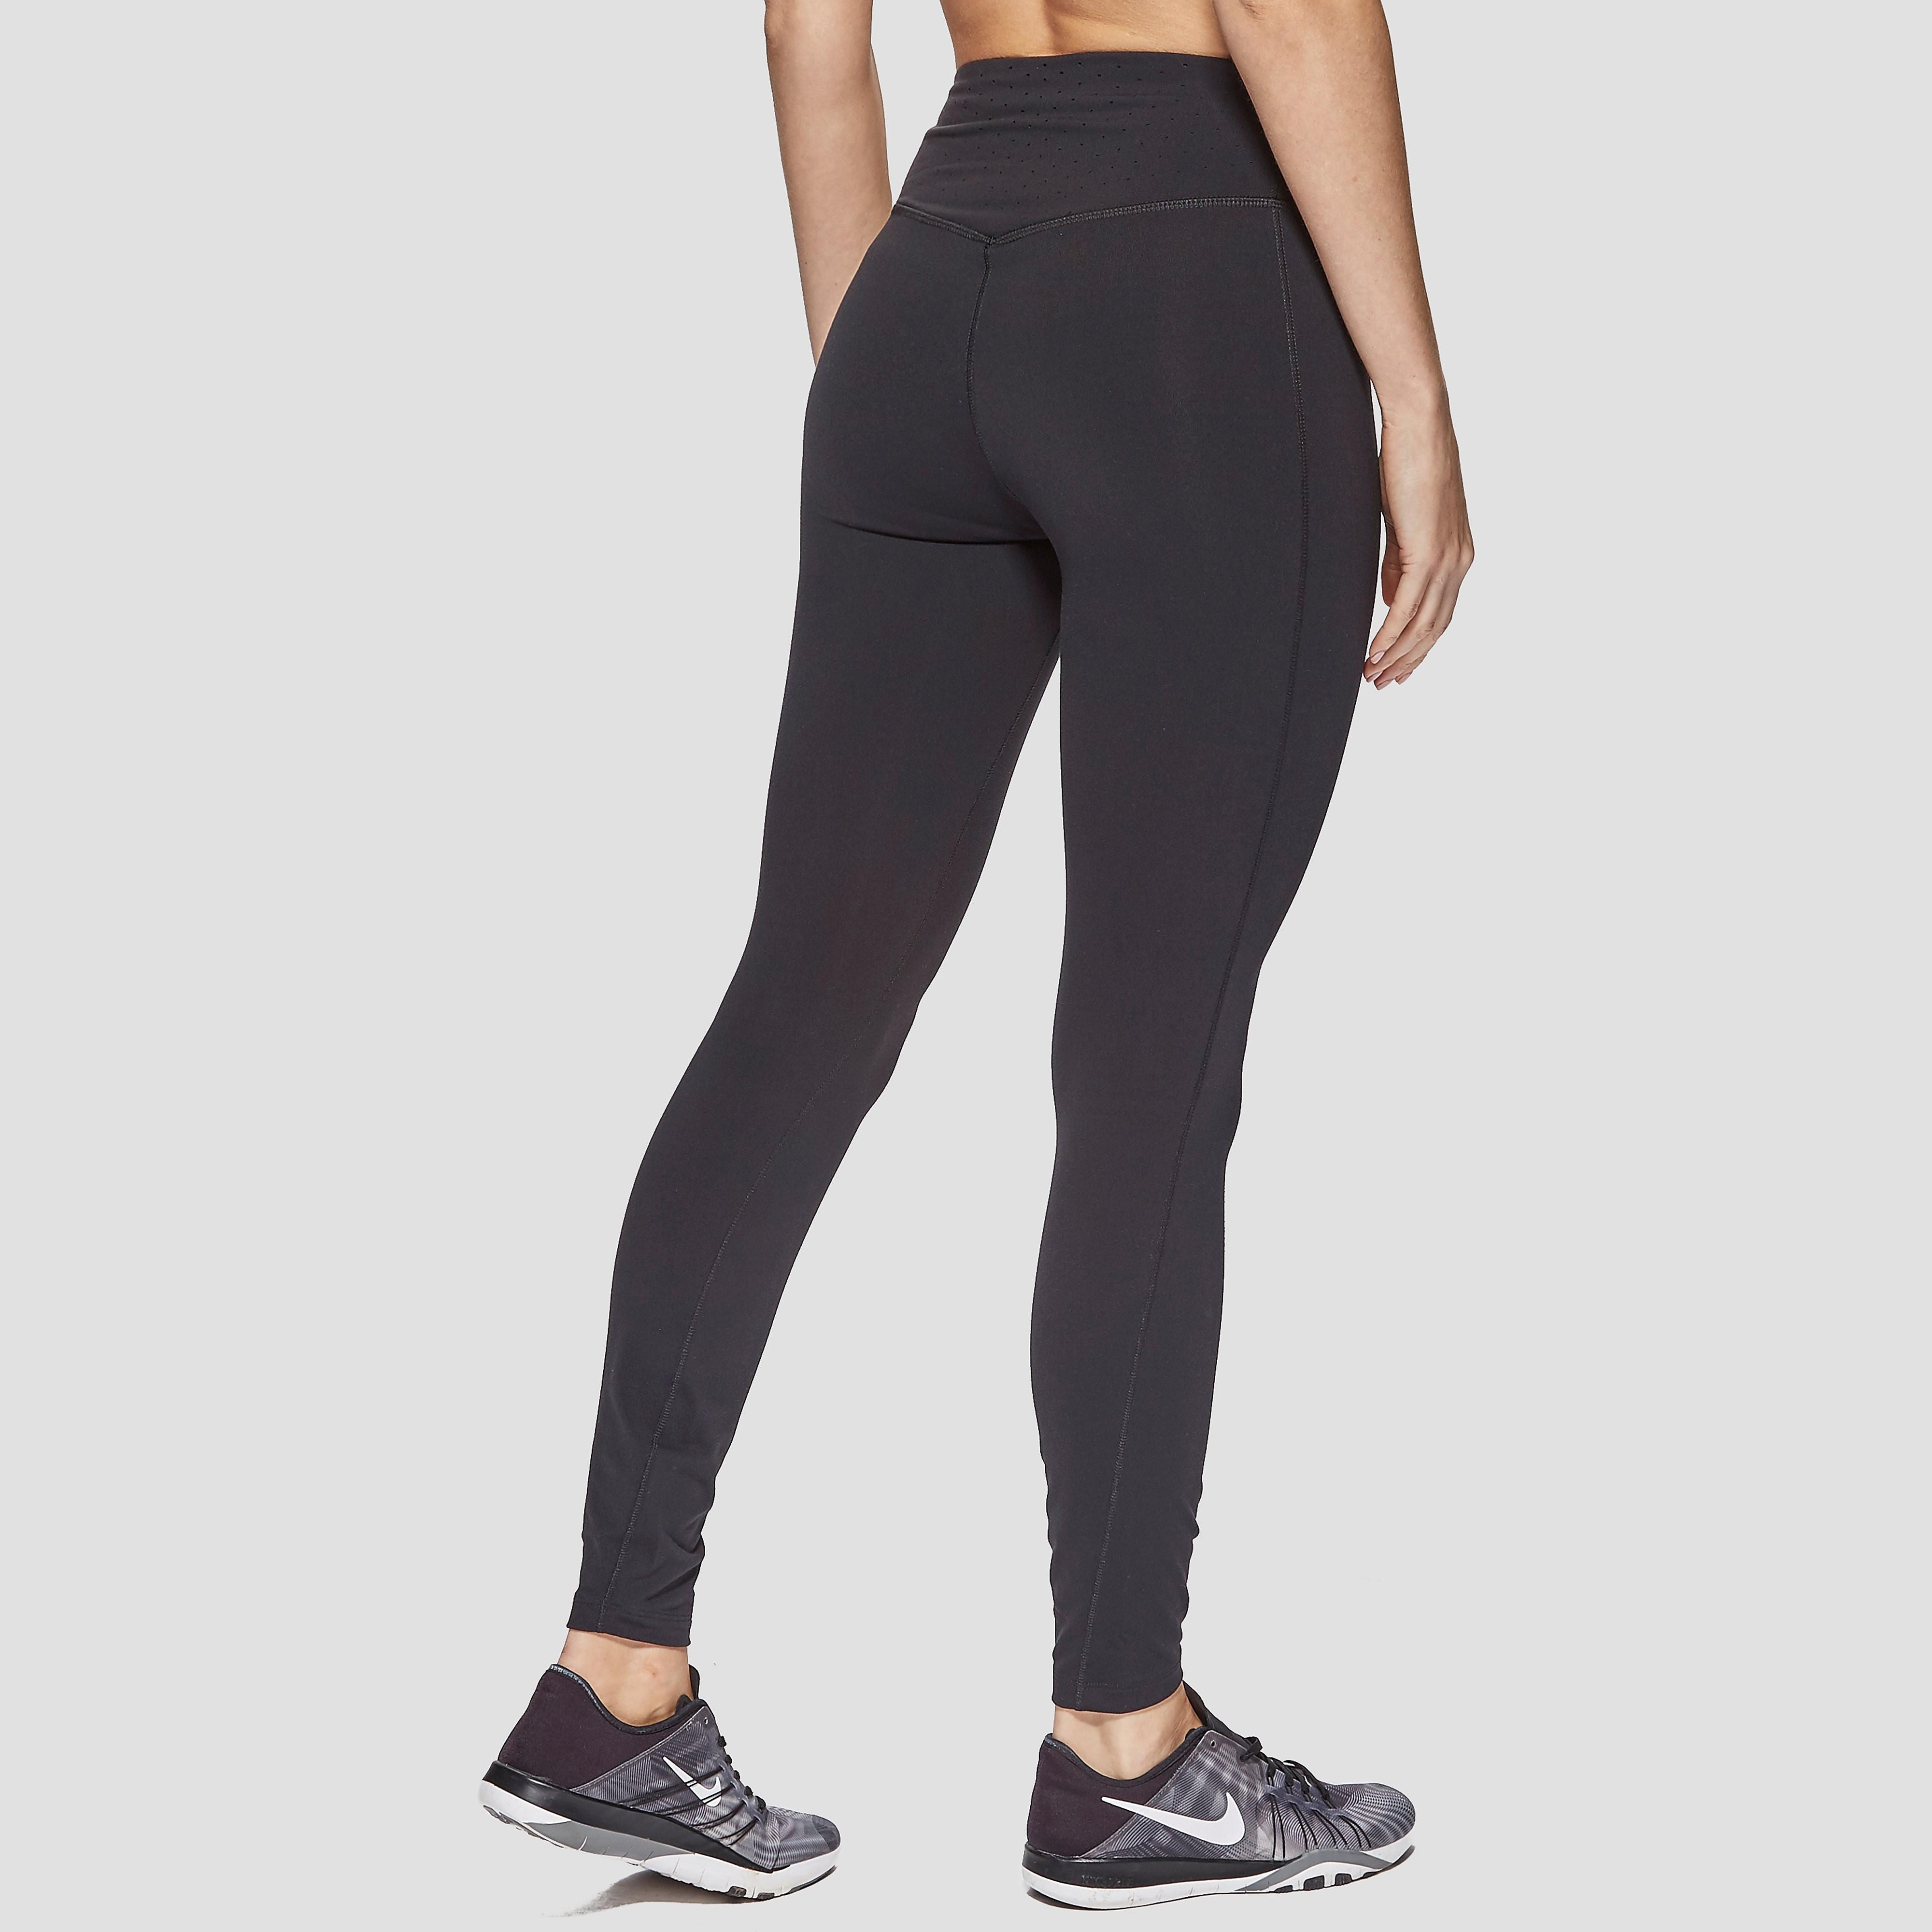 Nike Women's Power Legend Tights